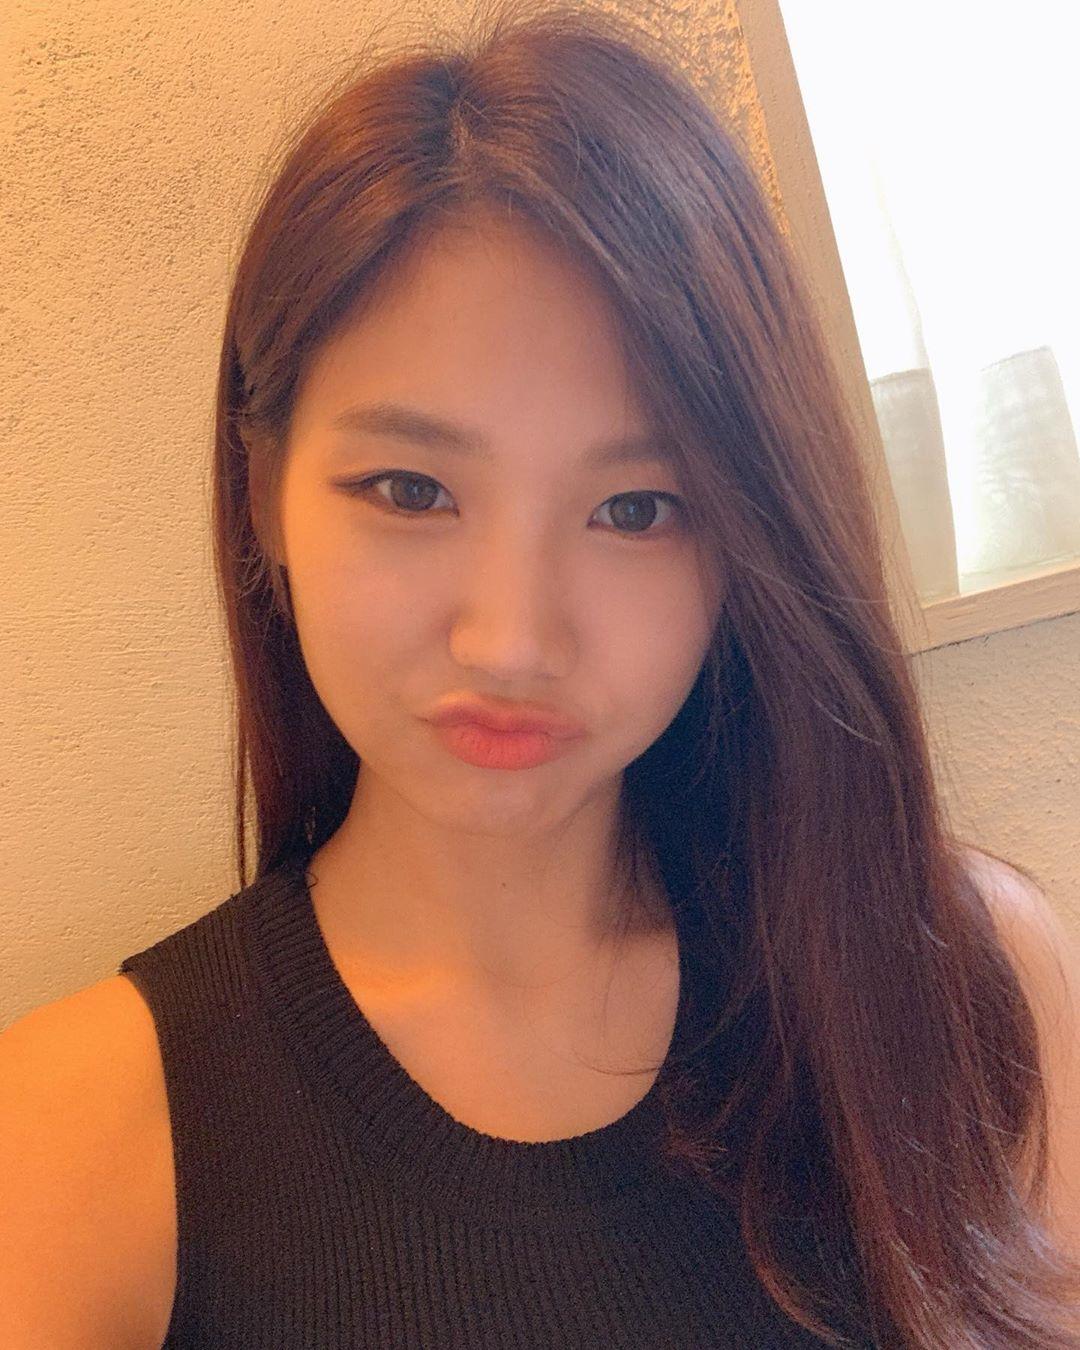 韩国妹子推荐「李熙恩」大只马身形超抢眼,比韩国泡菜还辣!插图(19)